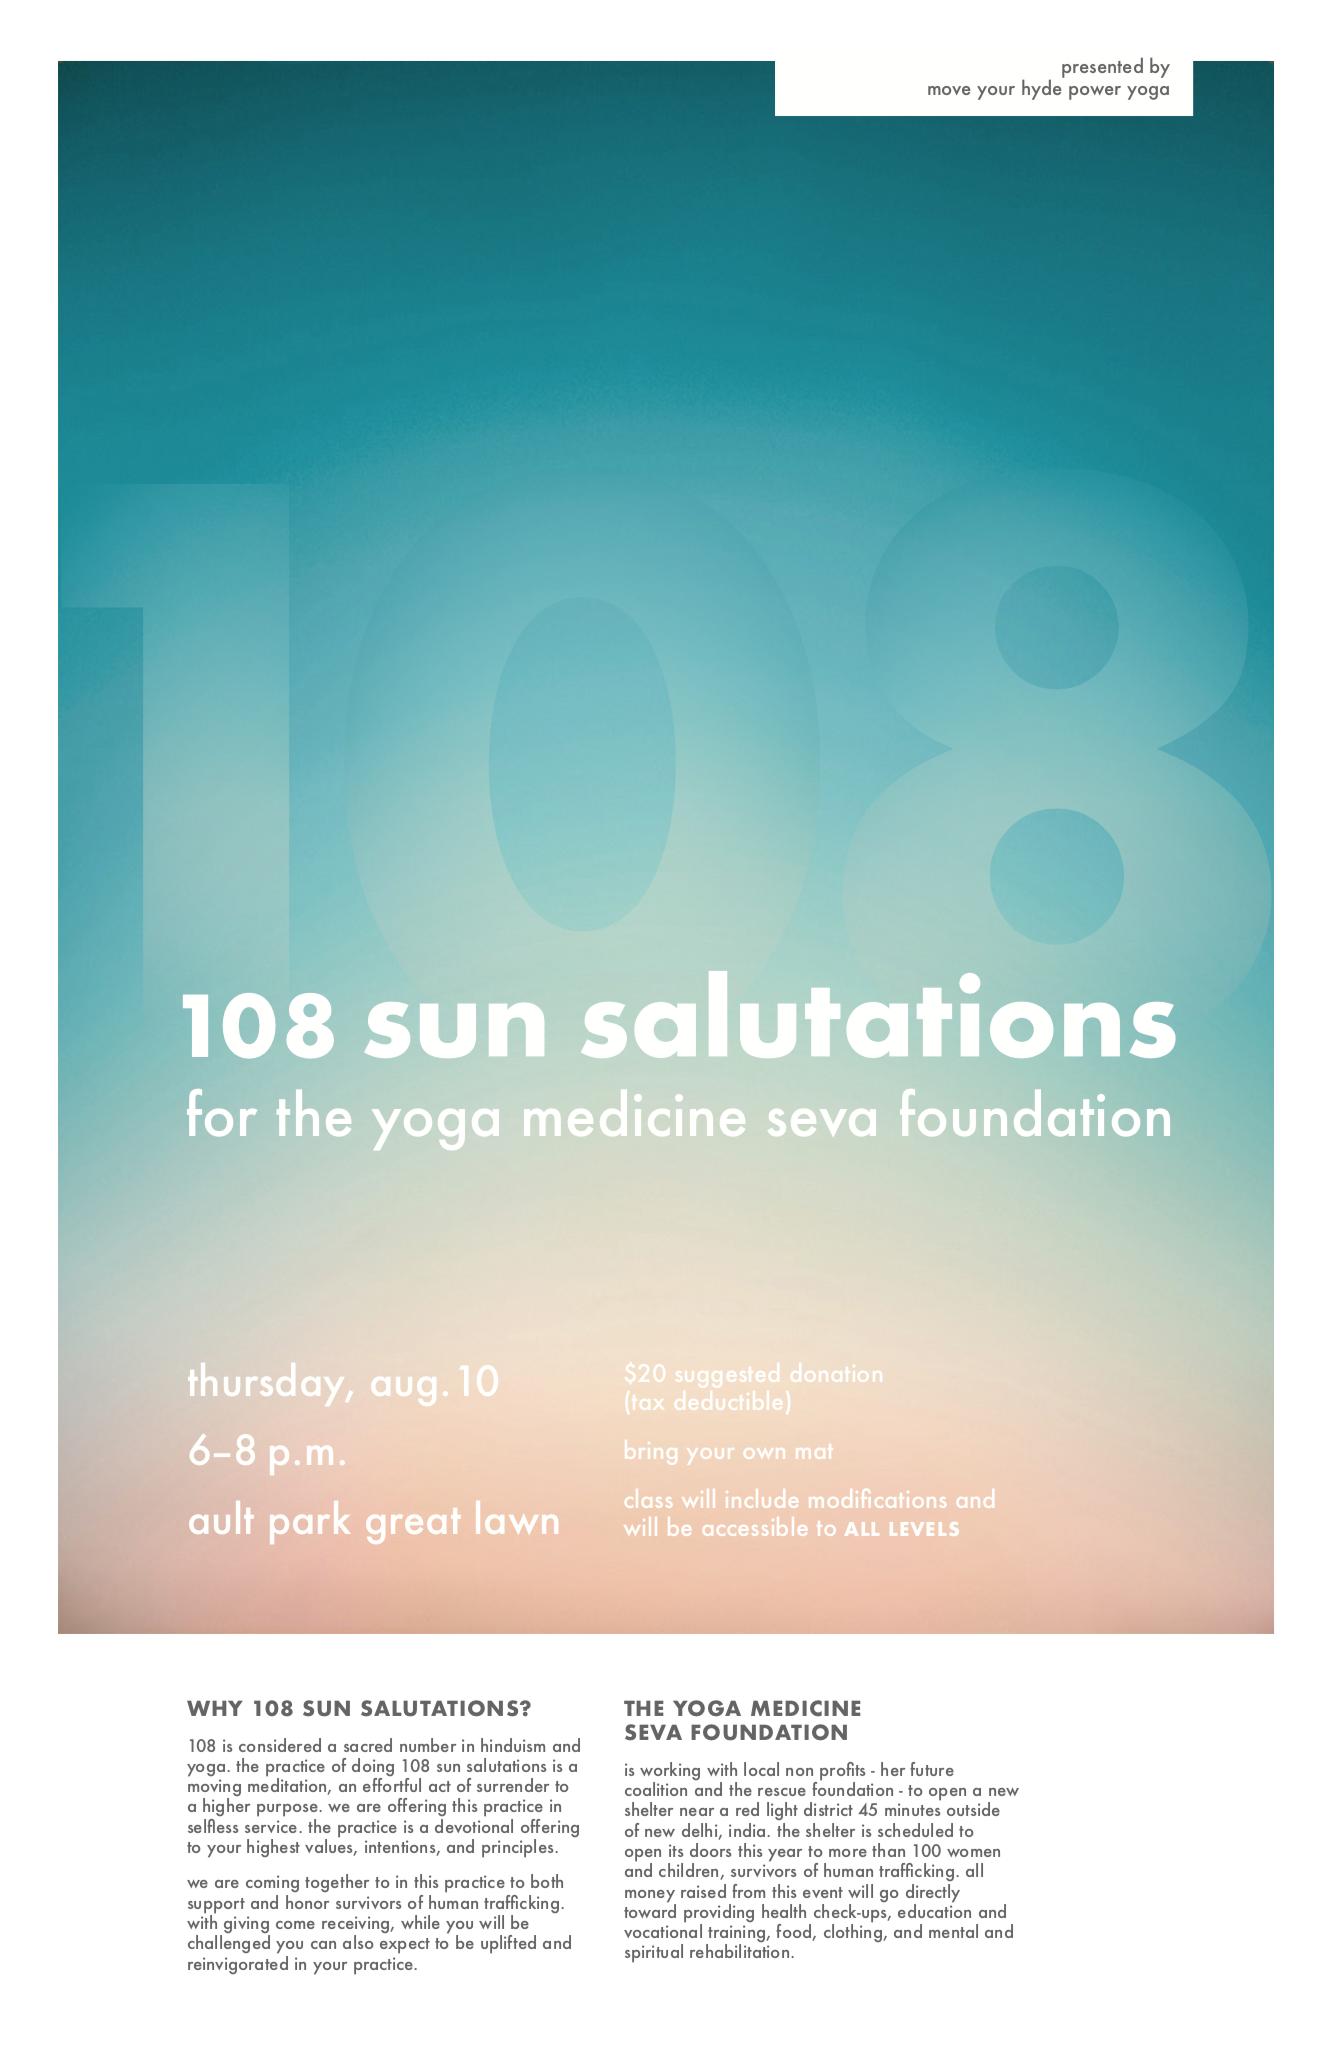 108 sun salutations at ault park